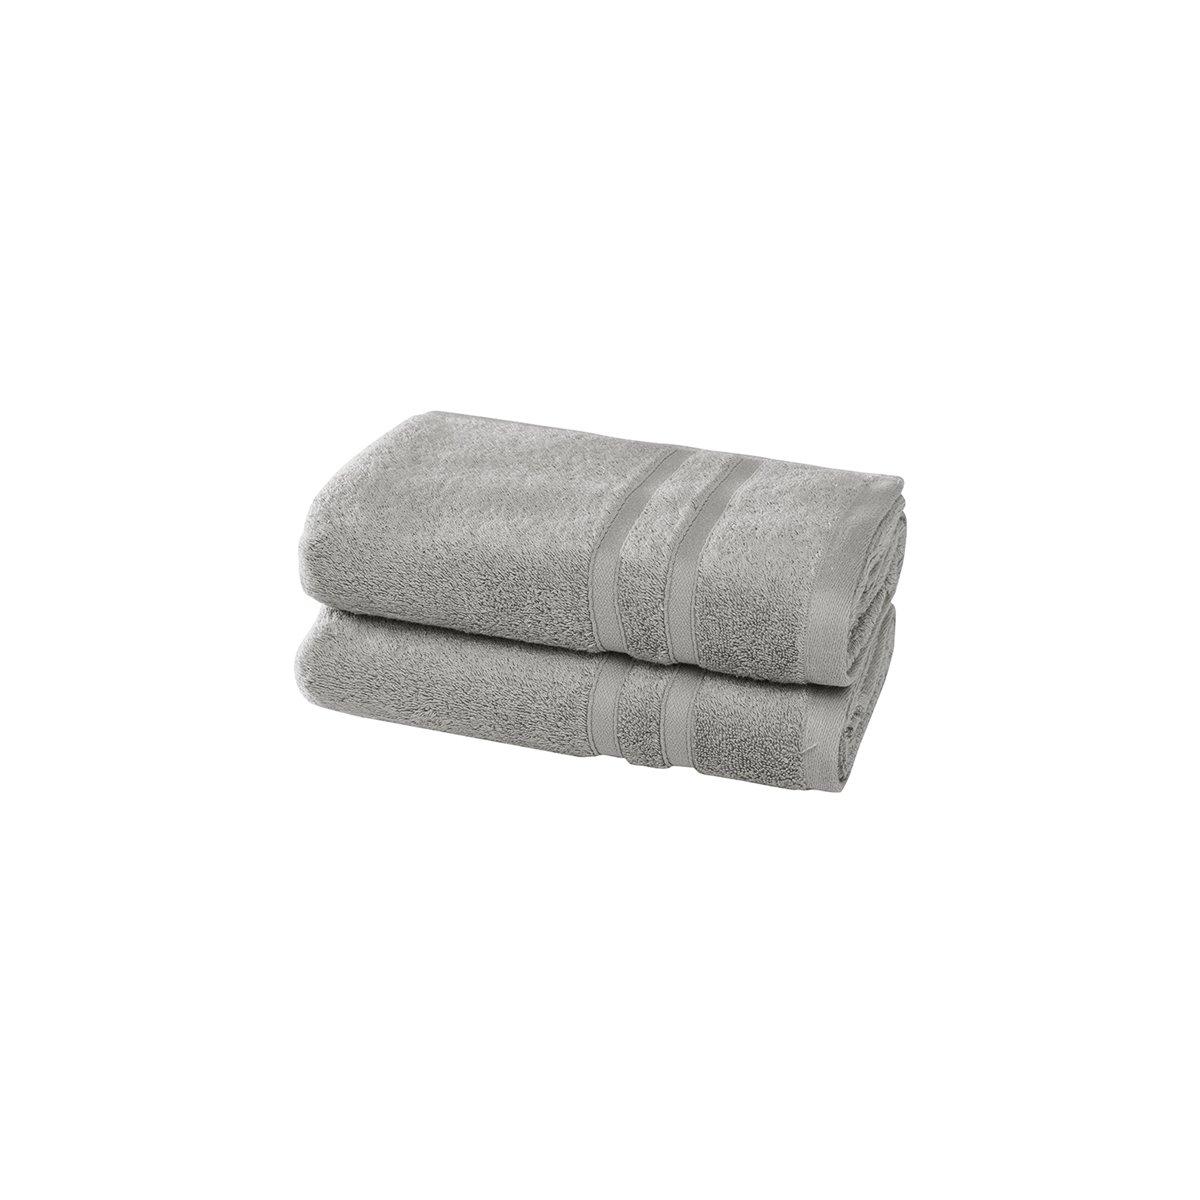 2 serviettes en coton bio Gris Perle 50x100 cm